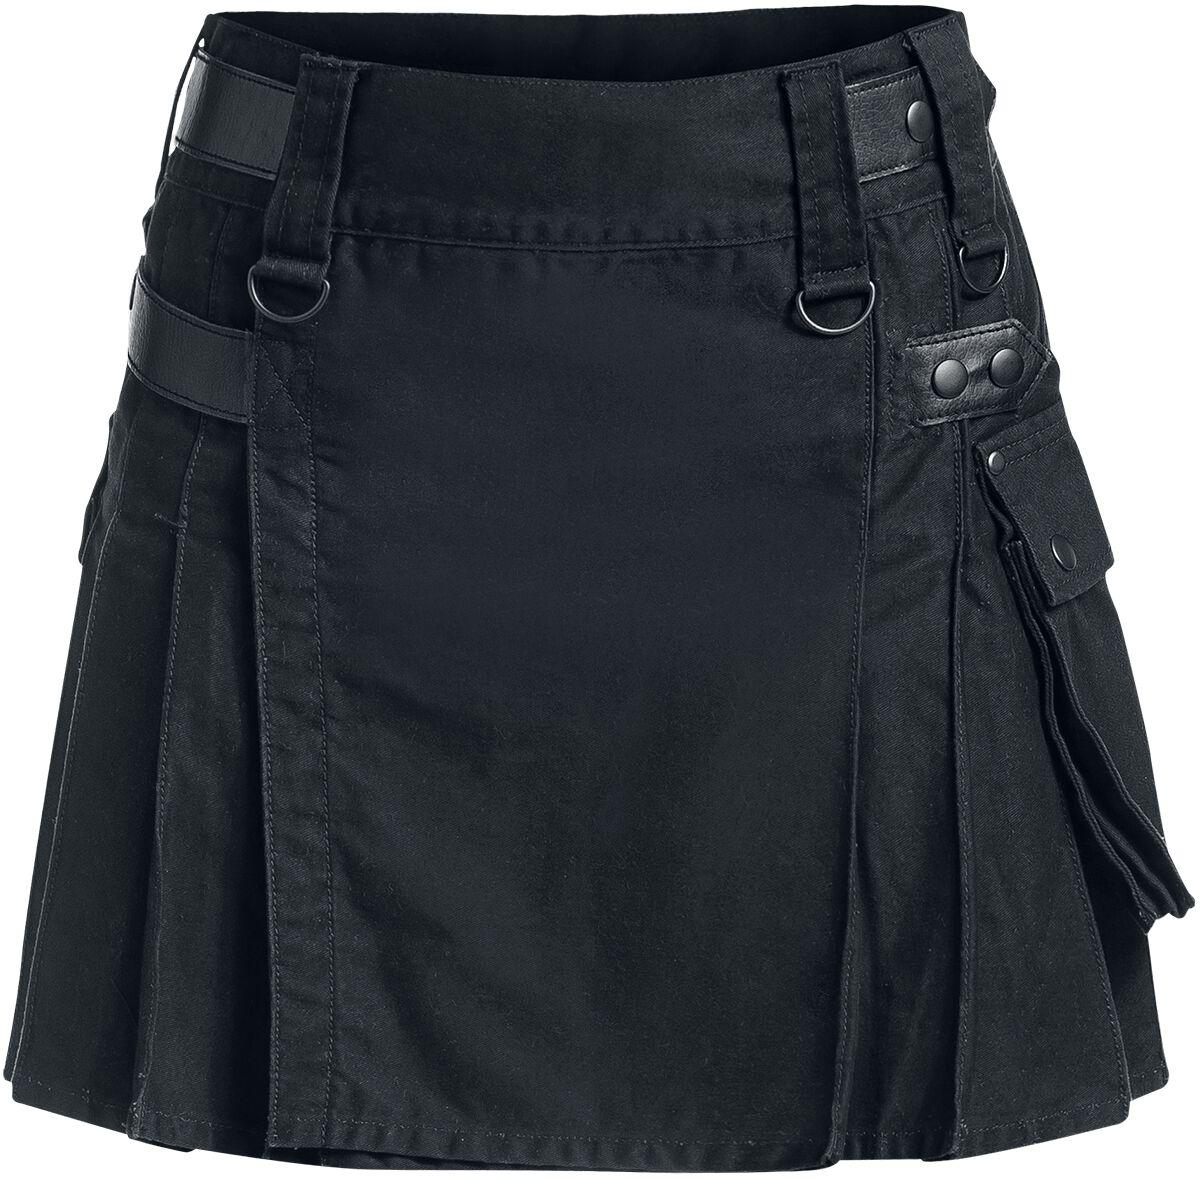 Black Premium by EMP Kilt Kilt černá Emp shop Black Premium by EMP Sukně od  Black Premium by EMP  - řemínky z imitace kůže - velké boční kapsy -  plisovaná 7d9ca3c184